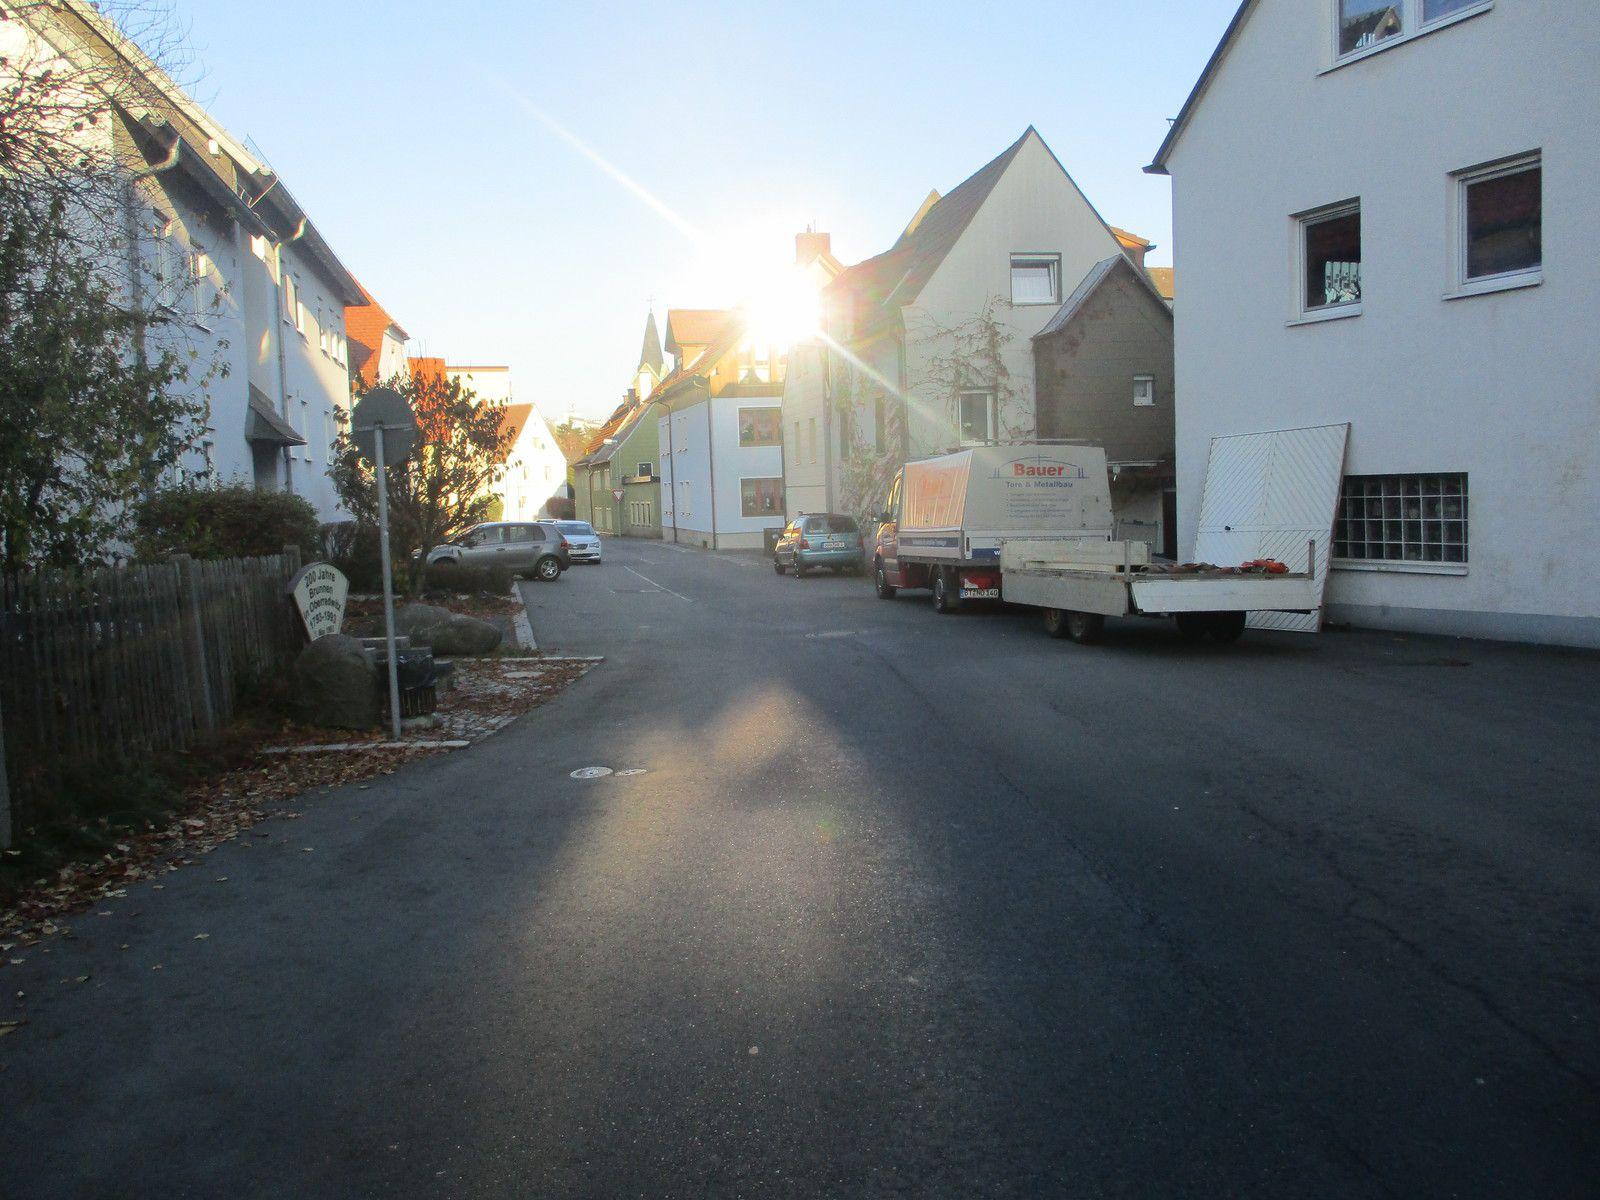 Stadt Marktredwitz sichert sich das Vorkaufsrecht für alte Häuser und Grundstücke